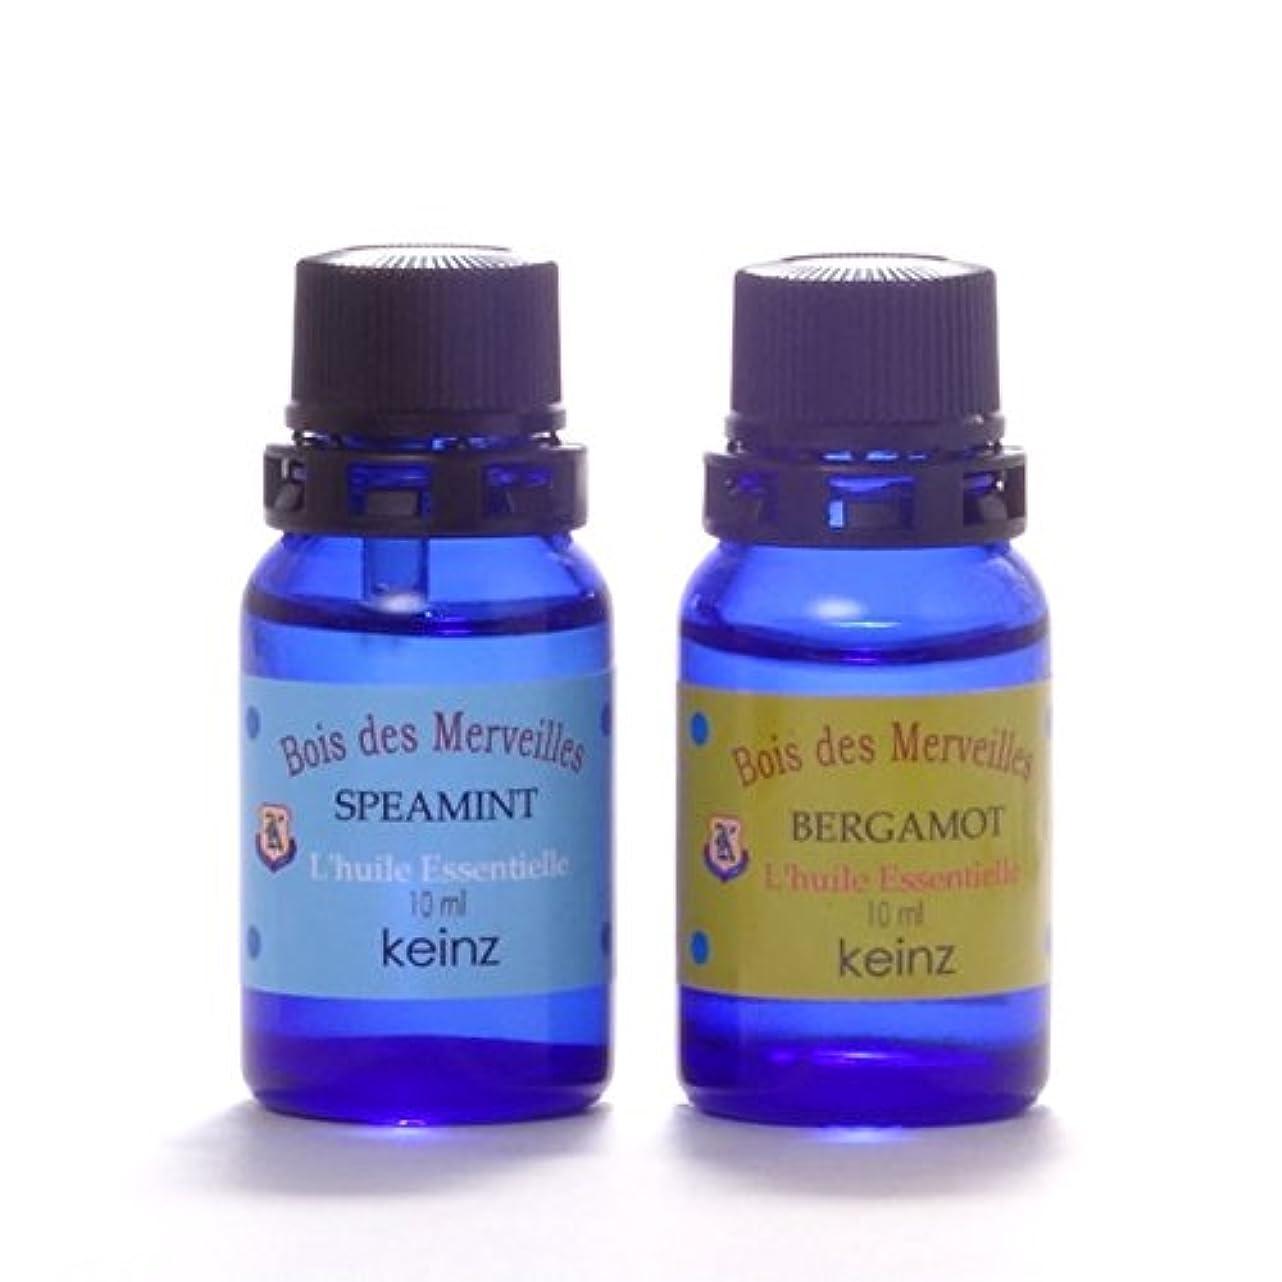 アニメーション誇張する幻滅するkeinzエッセンシャルオイル「ベルガモット10ml&スペアミント10ml」2種1セット ケインズ正規品 製造国アメリカ 完全無添加 人工香料は使っていません。